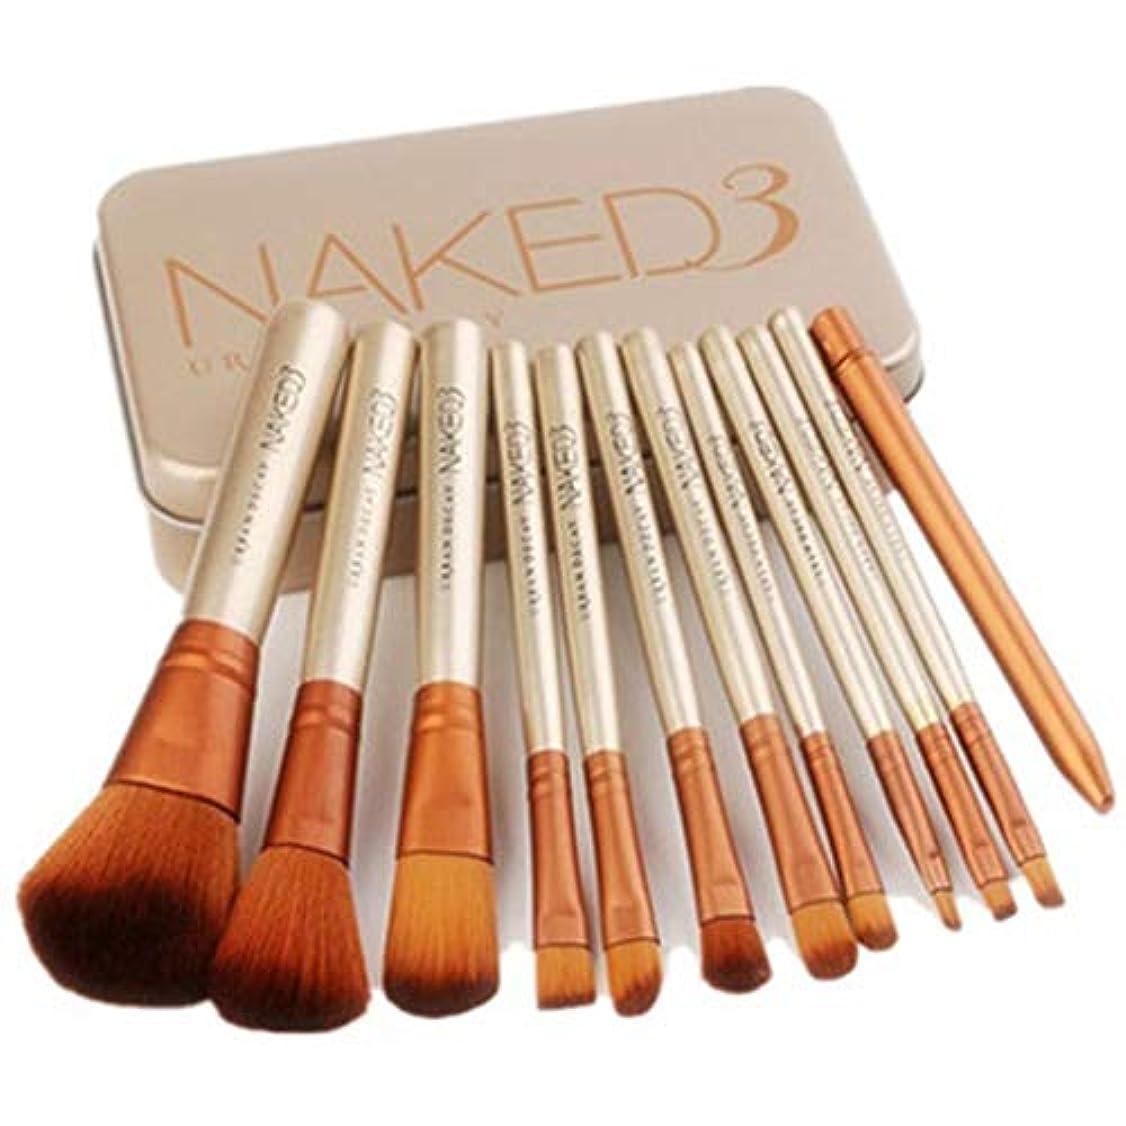 ニンニクインタネットを見る謝る初心者用化粧筆のための12の化粧筆美容化粧キット